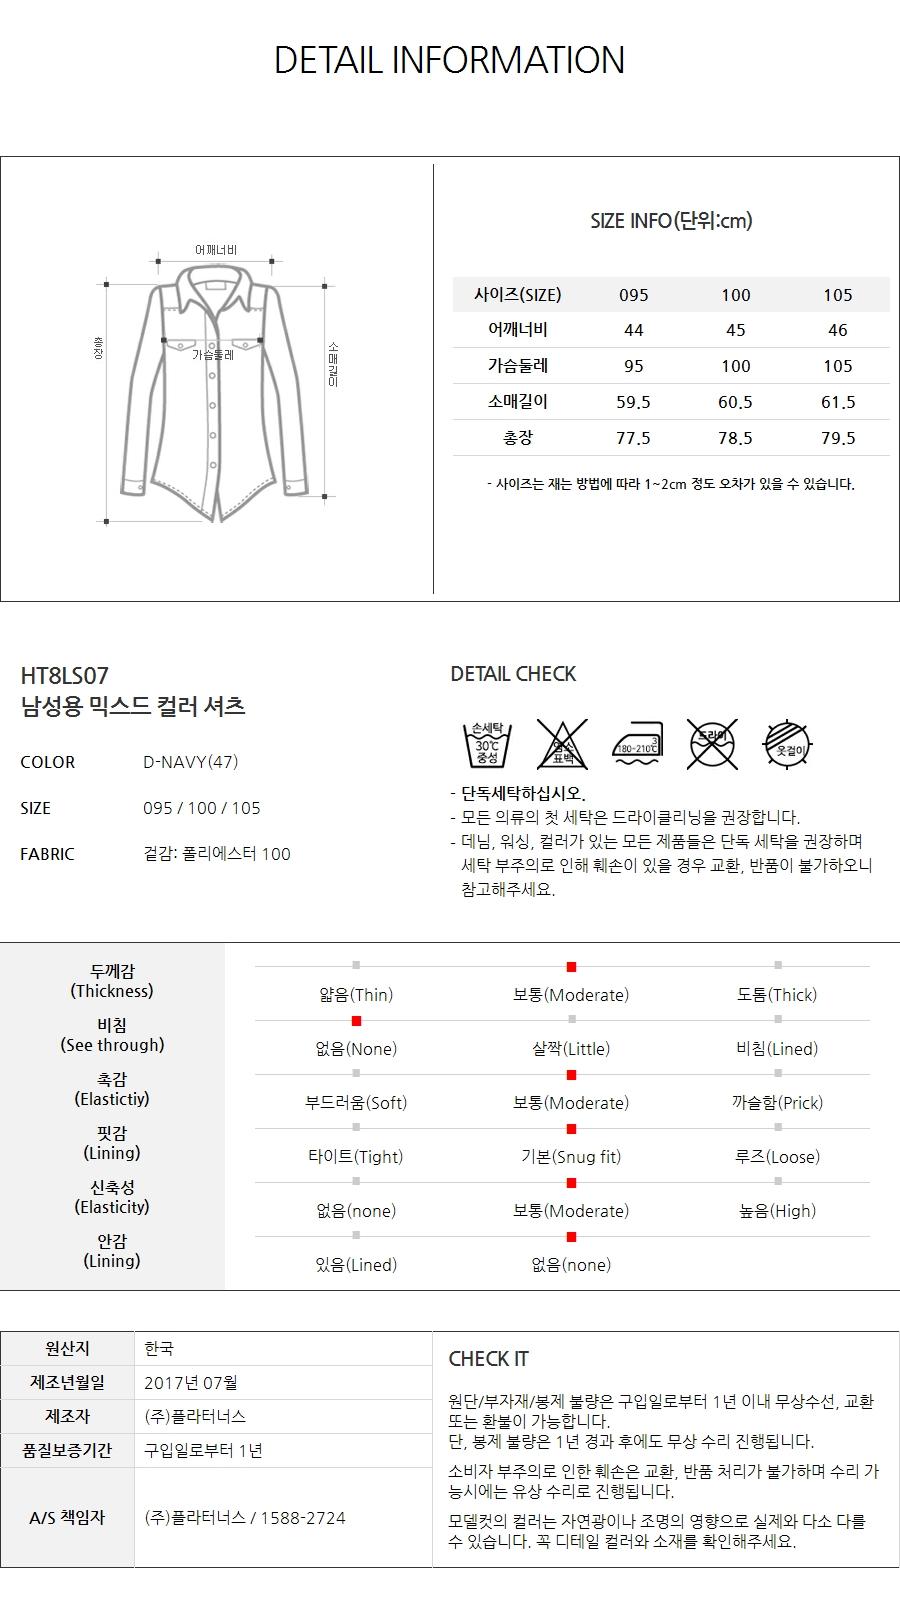 애드호크(ADHOC) 믹스드 컬러 셔츠